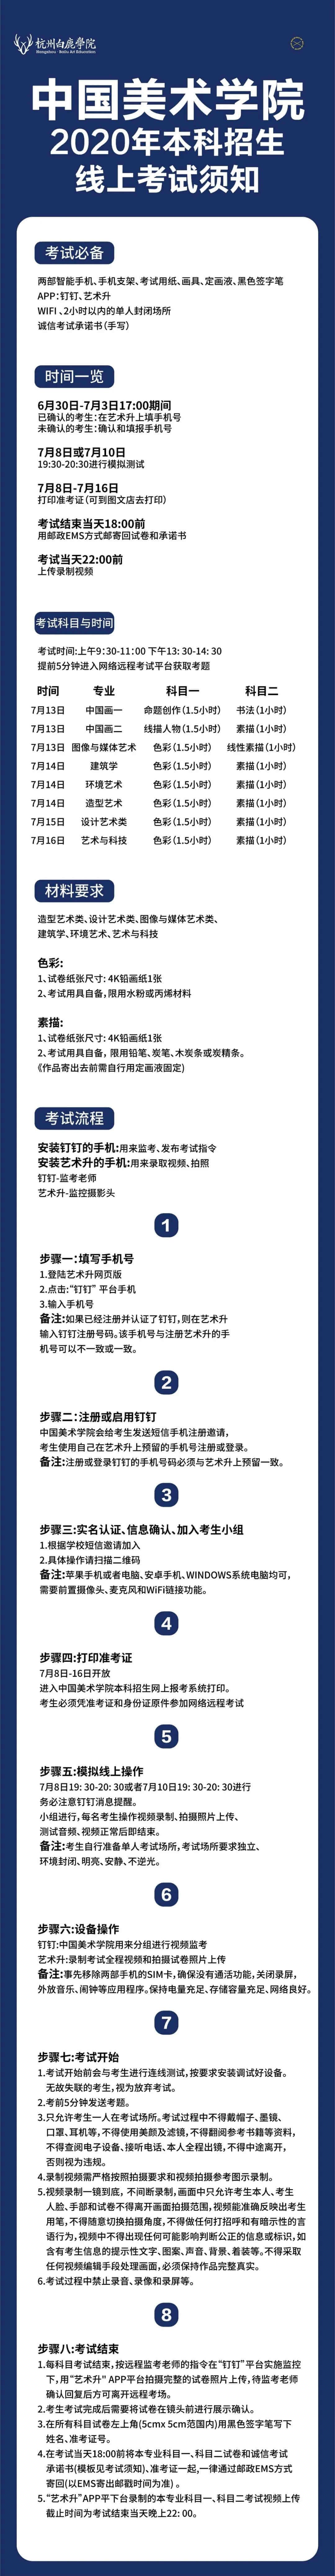 杭州画室,杭州素描培训画室,杭州艺考画室,01